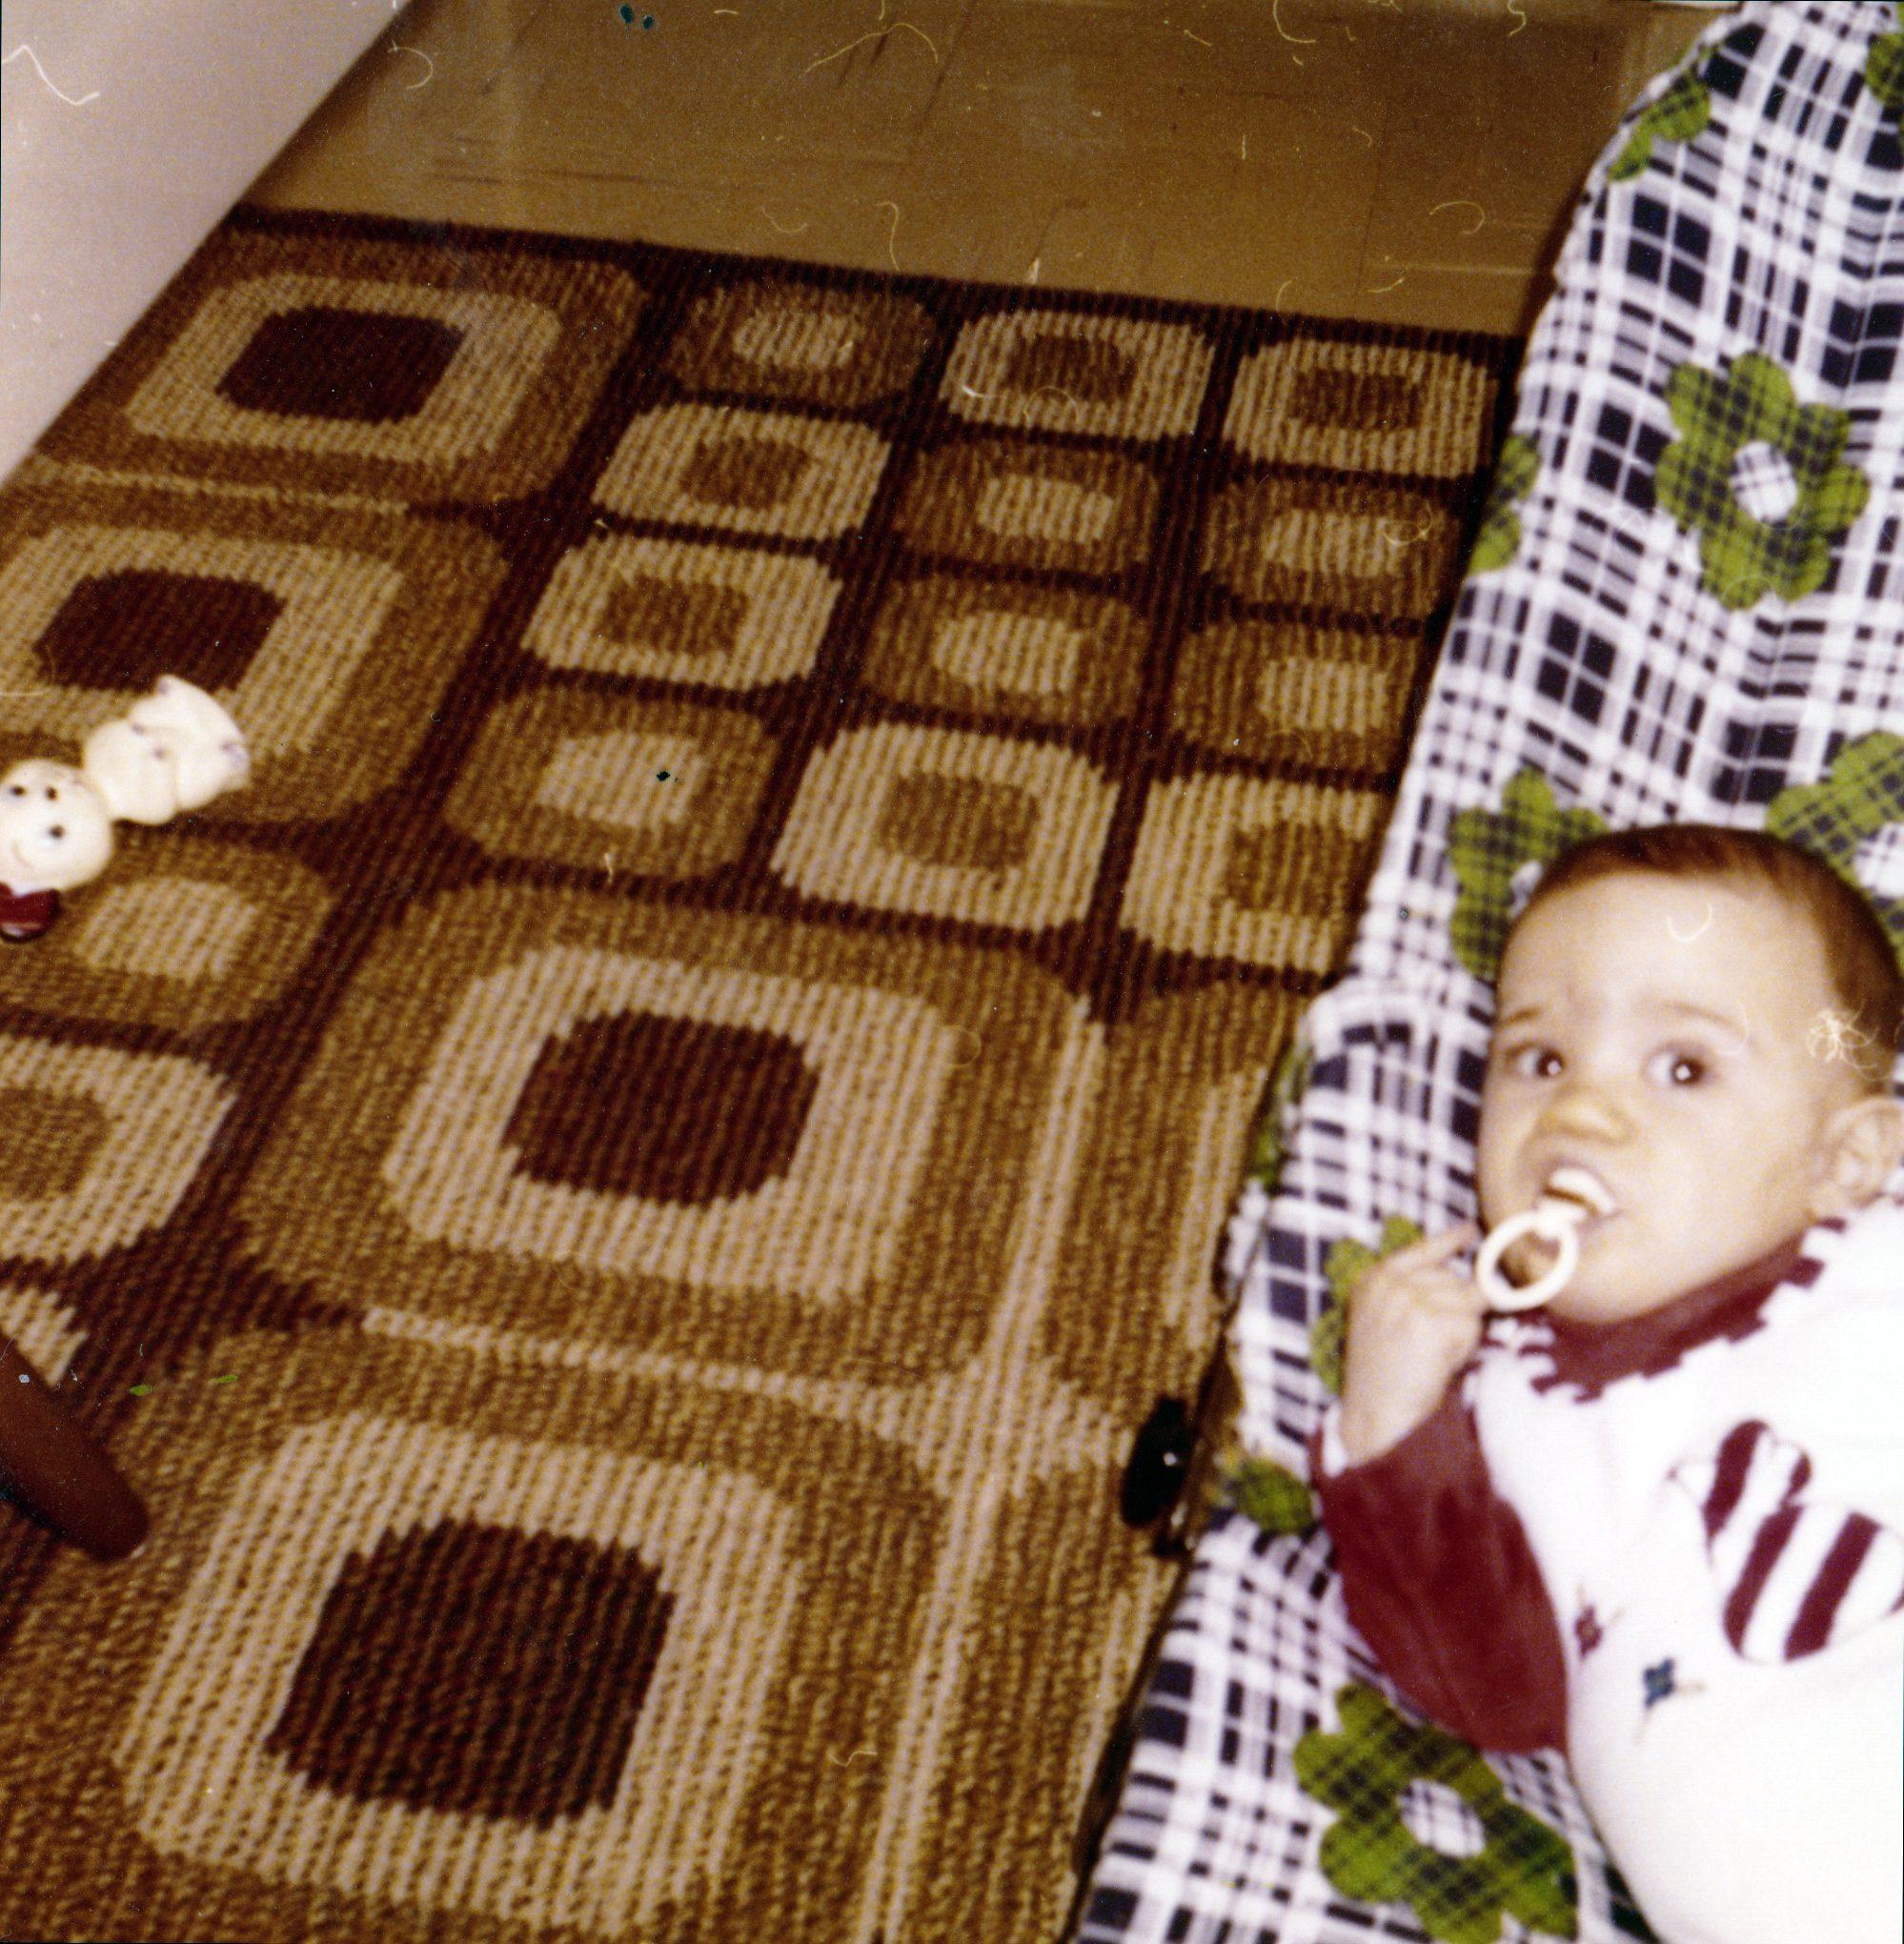 Weihnachten 1977 - Thilos first Schnuller